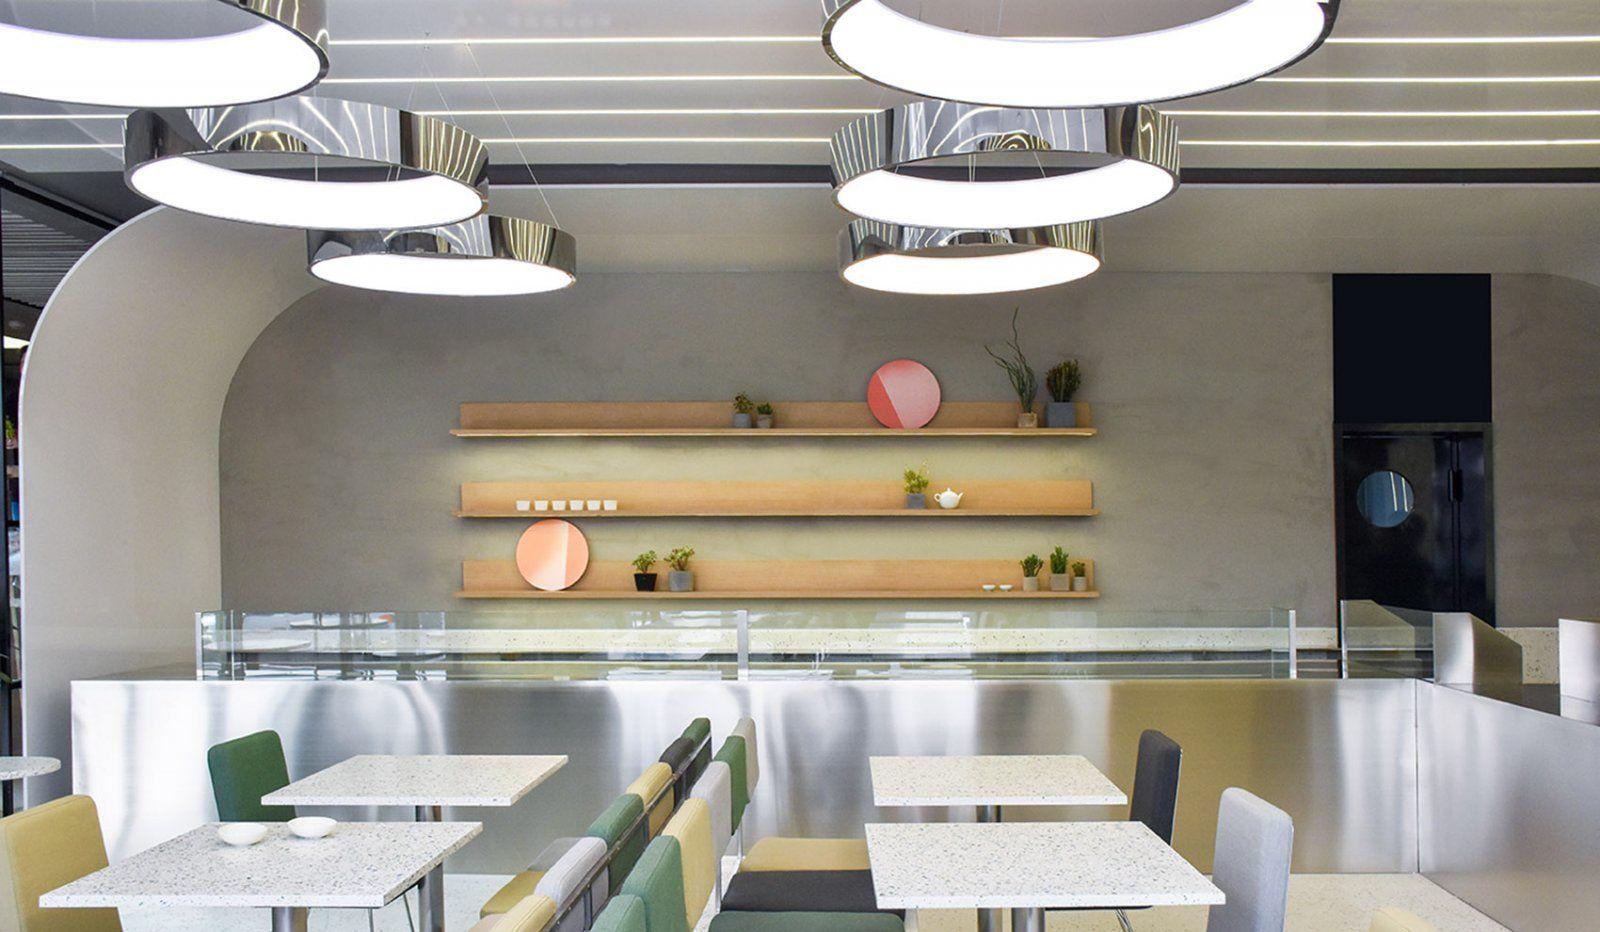 弧形光带围合而成的美食空间 头条计画